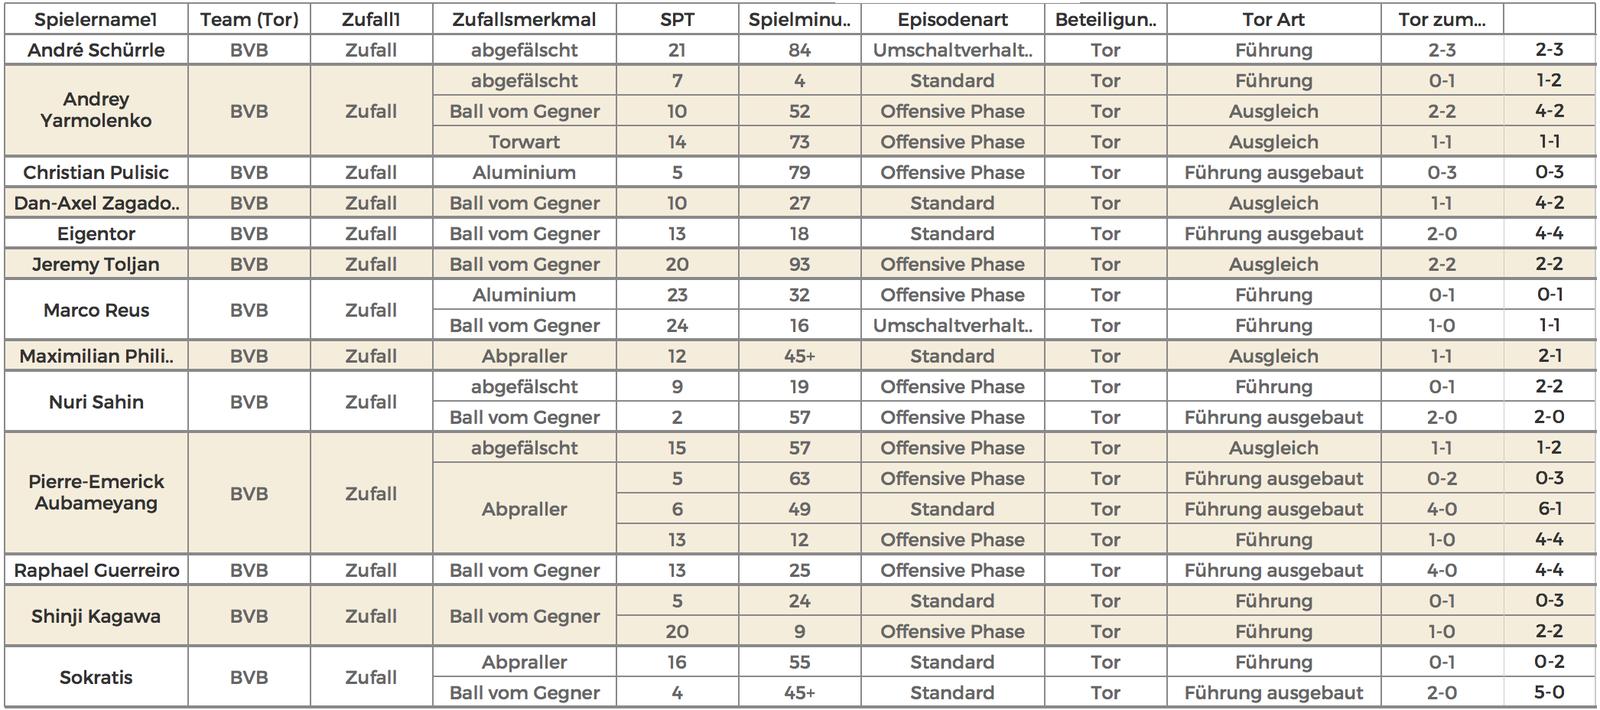 Analyse read the game: Wer schießt beim BVB Tore mit Zufall / mit Glück?